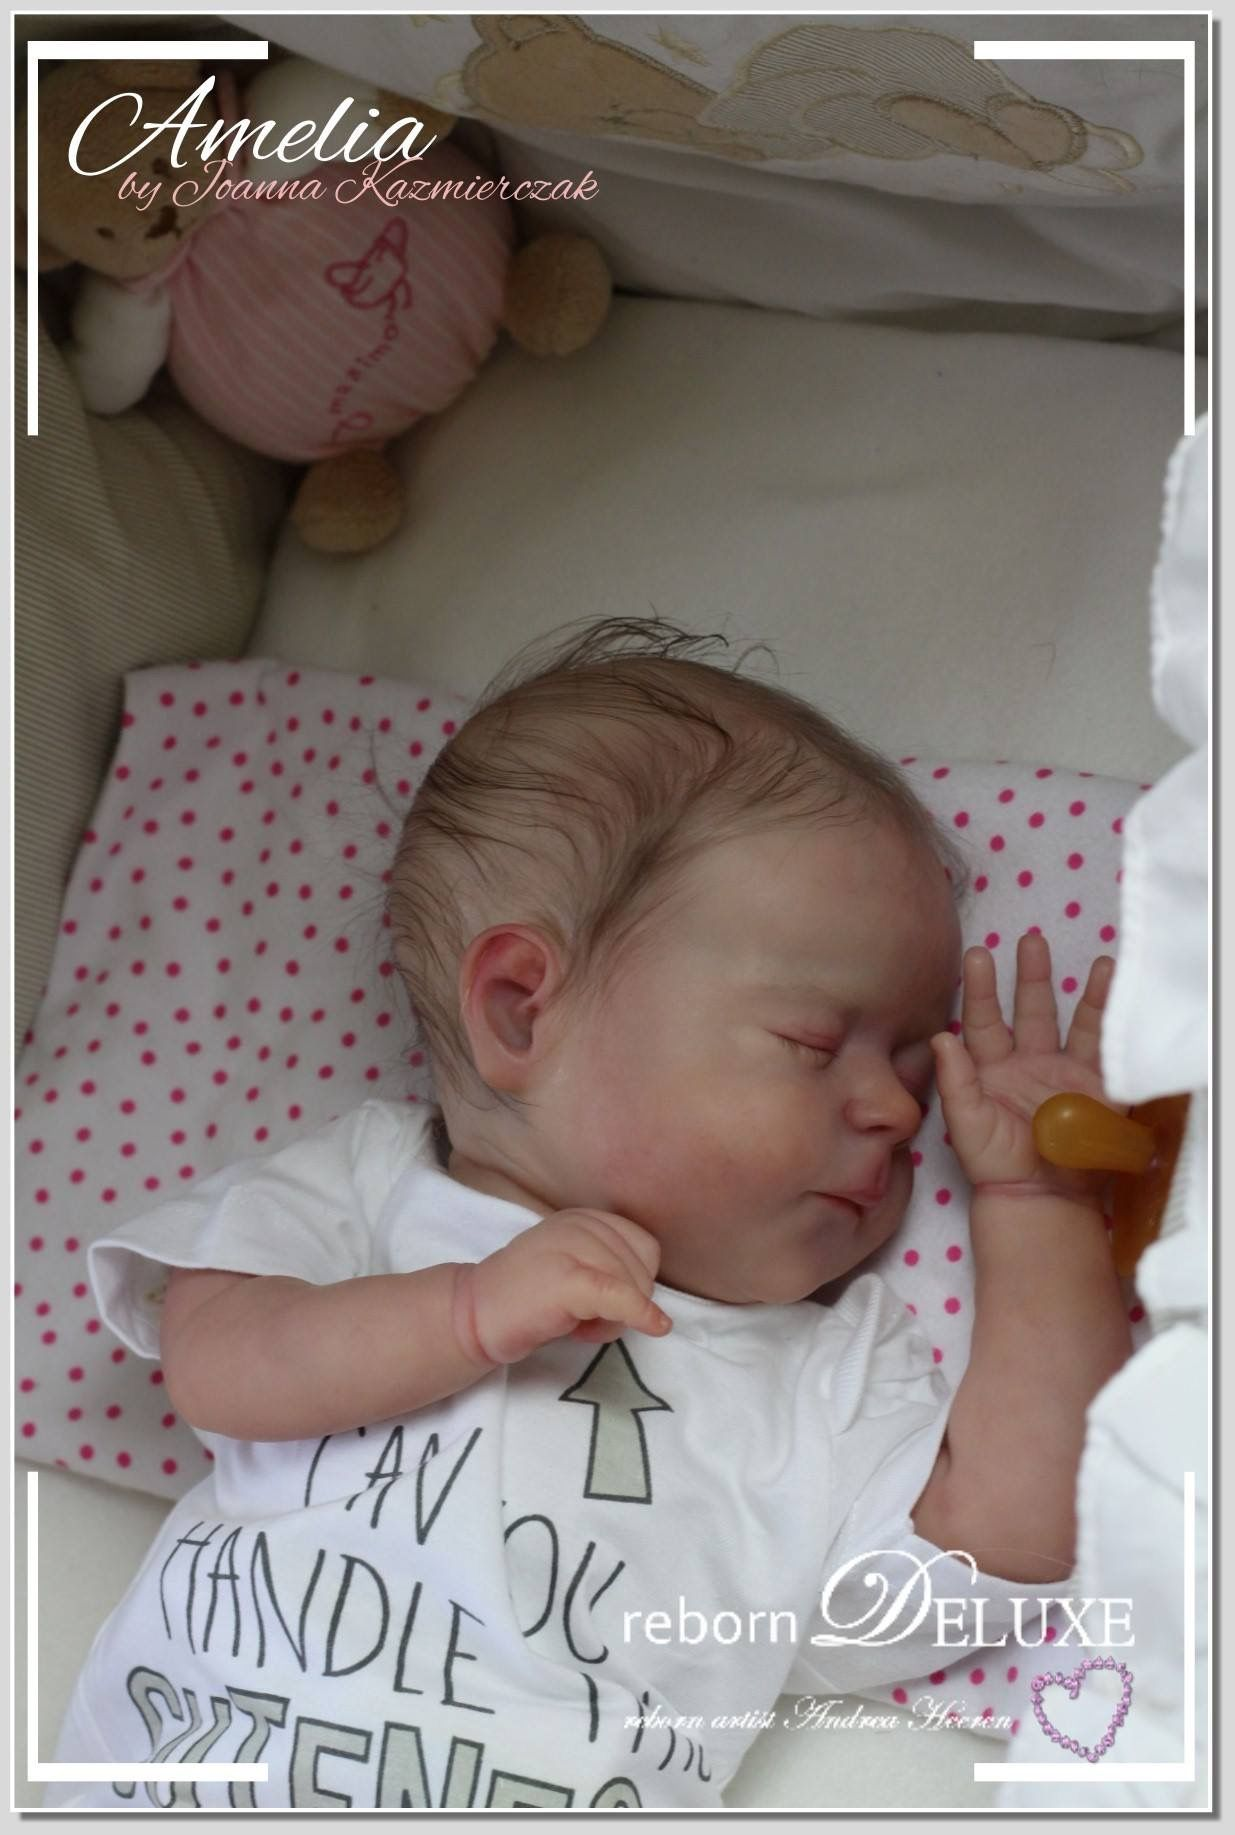 Andrea Heeren Reborndeluxe Newborn Baby Amelia By Joanna Kazmierzcak Www Reborn Deluxe Com Soon For Sale Life Like Baby Dolls Reborn Baby Dolls Baby Dolls